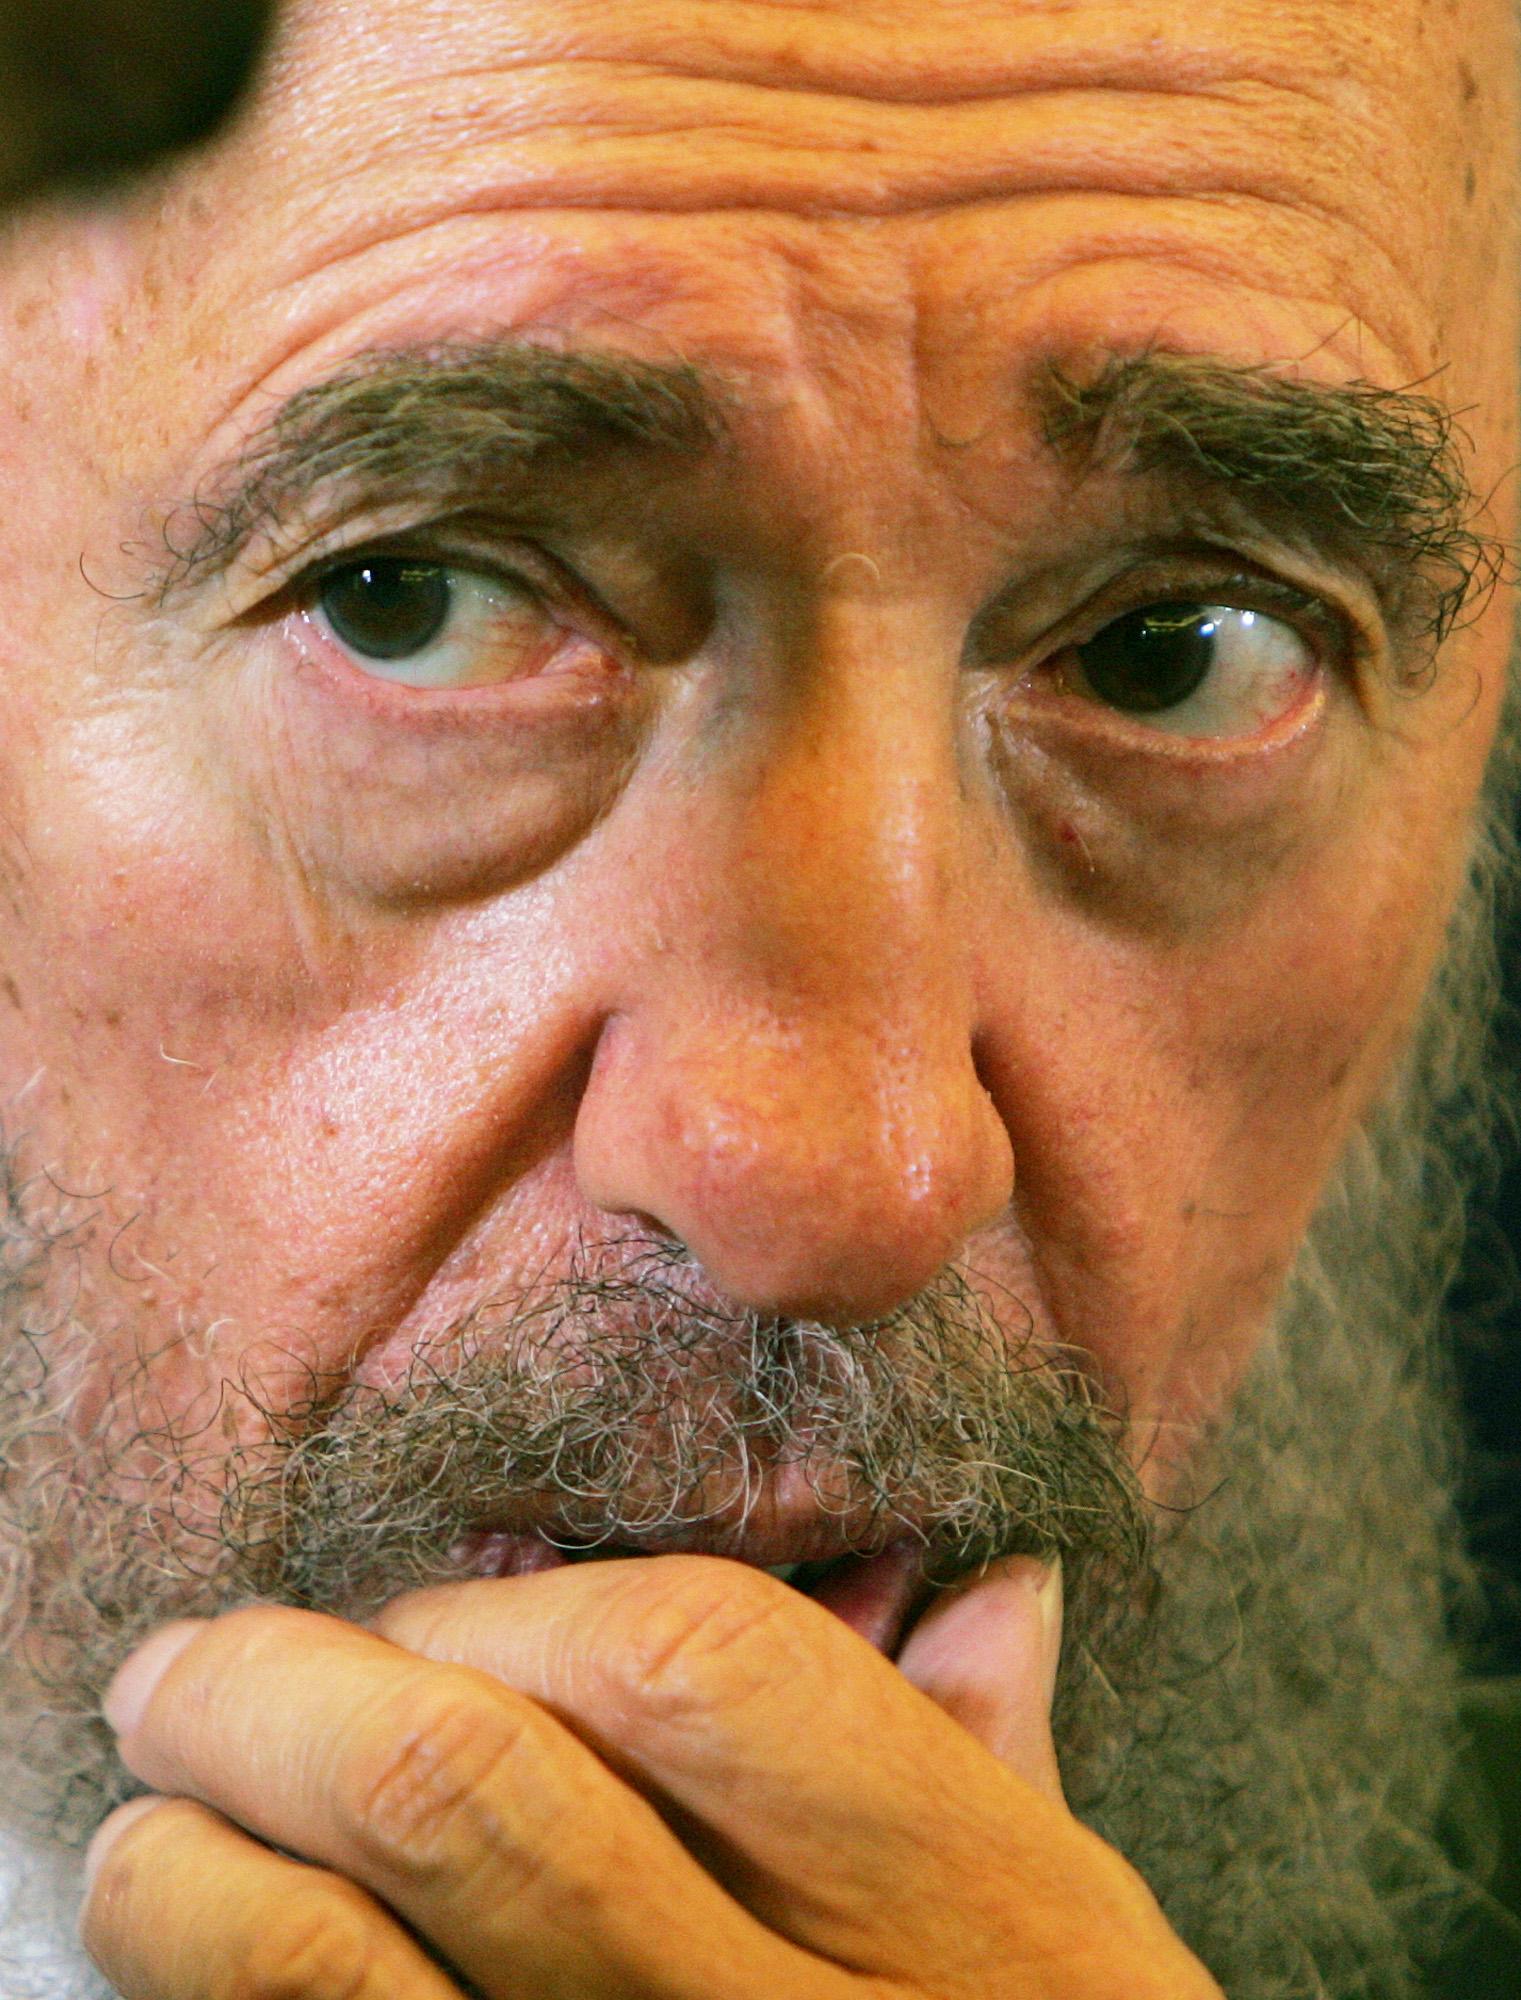 Fidel, Castro,muerte, cerebral, cuba, cuban@s, cubanas, putas, sexo